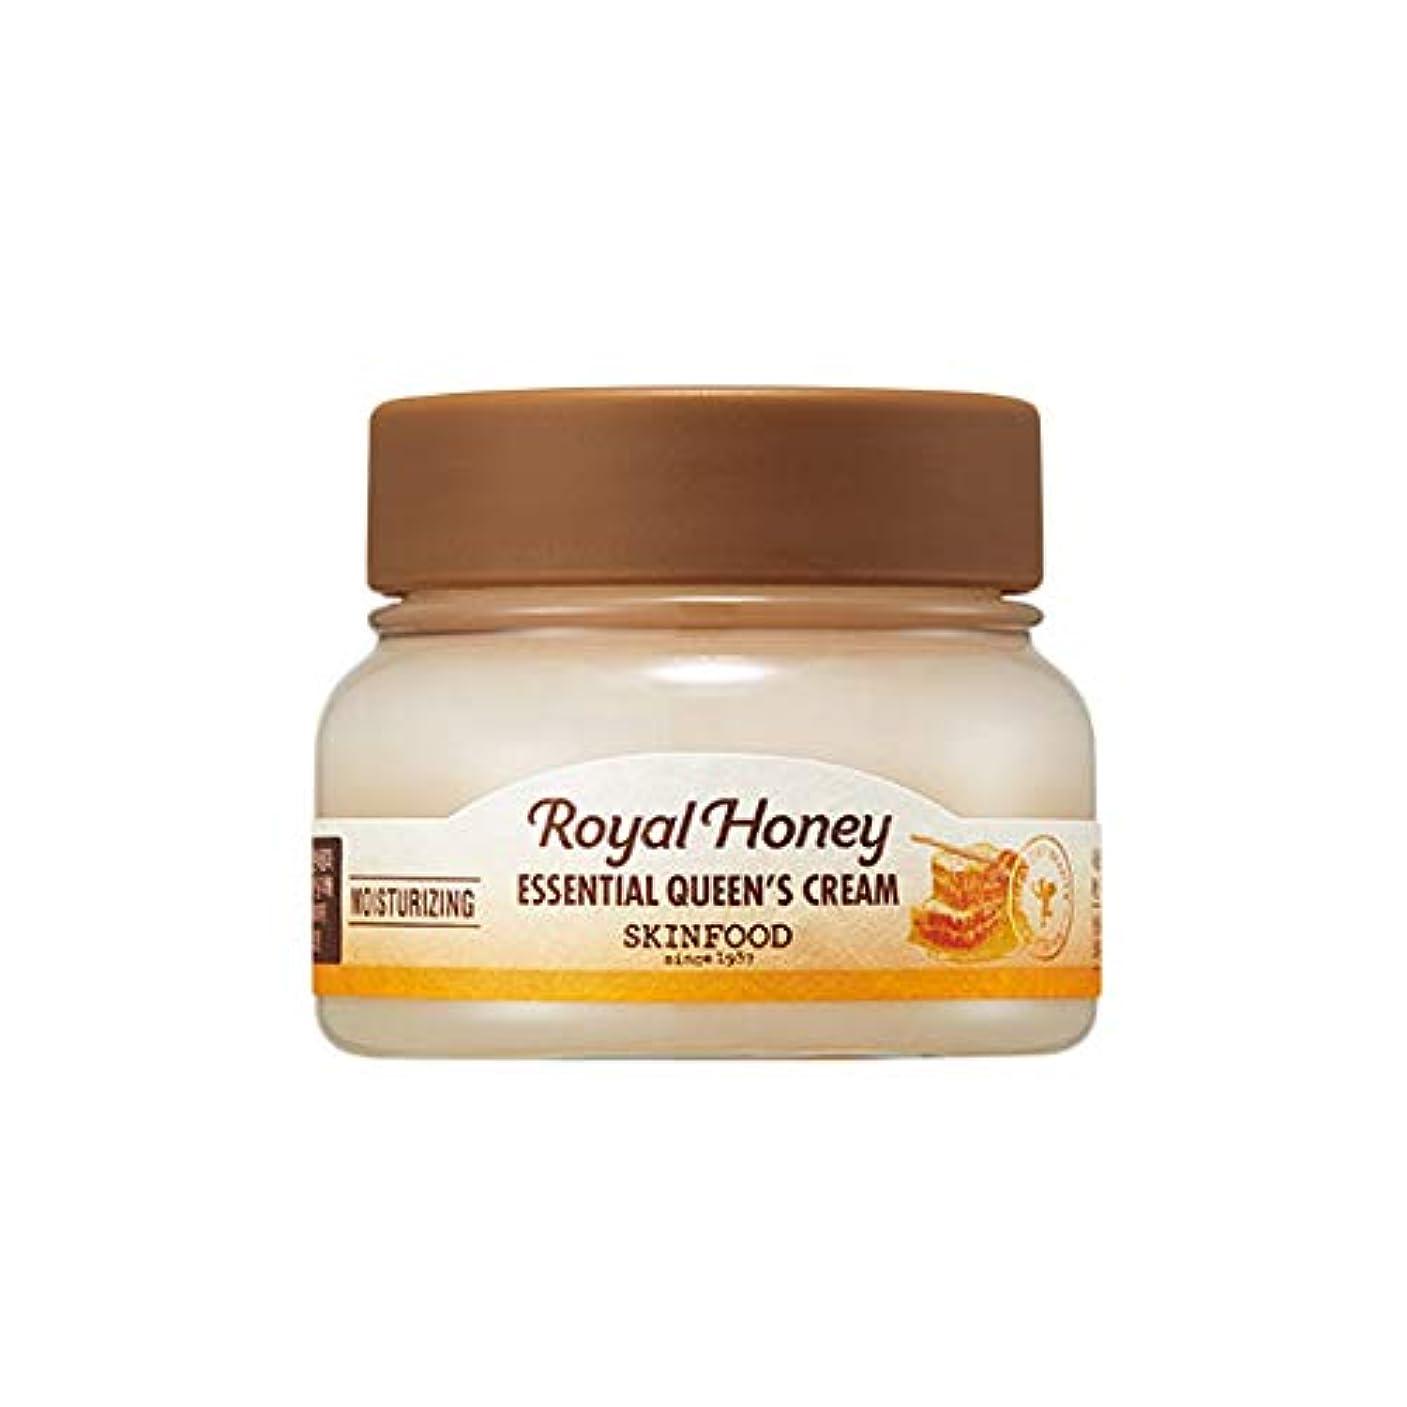 教授予報染料Skinfood ロイヤルハニーエッセンシャルクイーンクリーム/Royal Honey Essential Queen's Cream 62ml [並行輸入品]